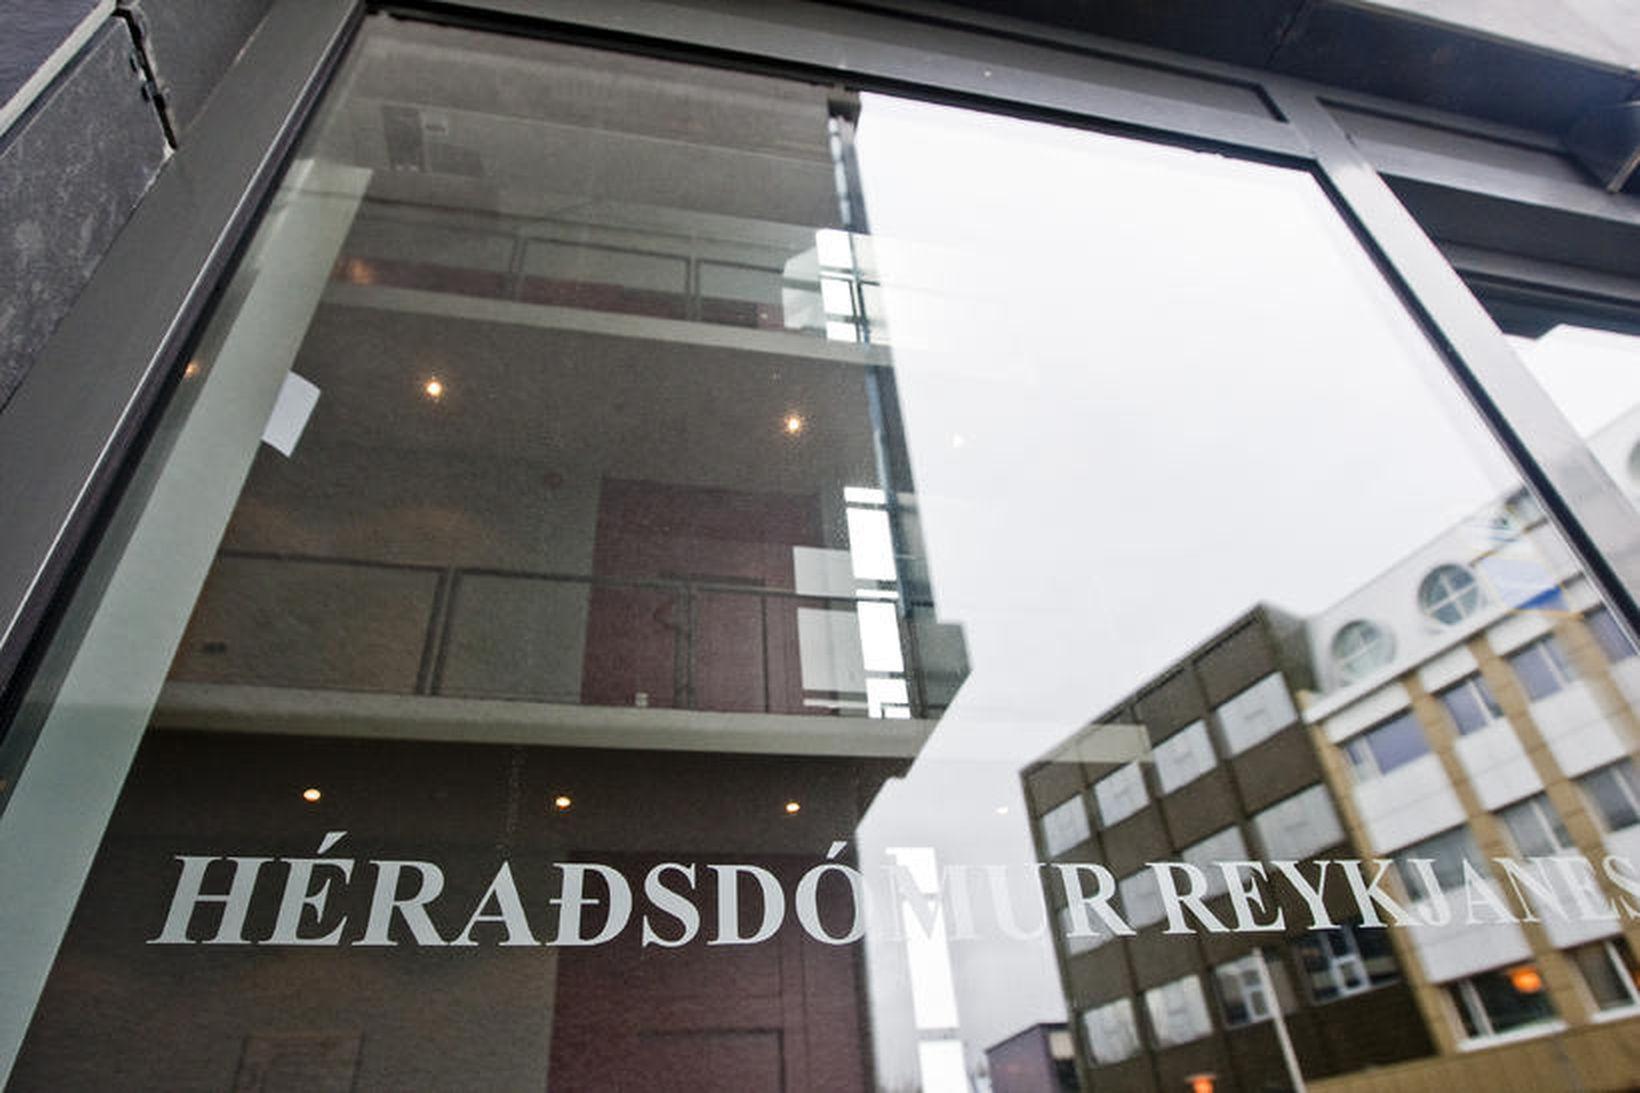 Fjórmenningarnir voru sýknaðir í Héraðsdómi Reykjaness í desember 2014.